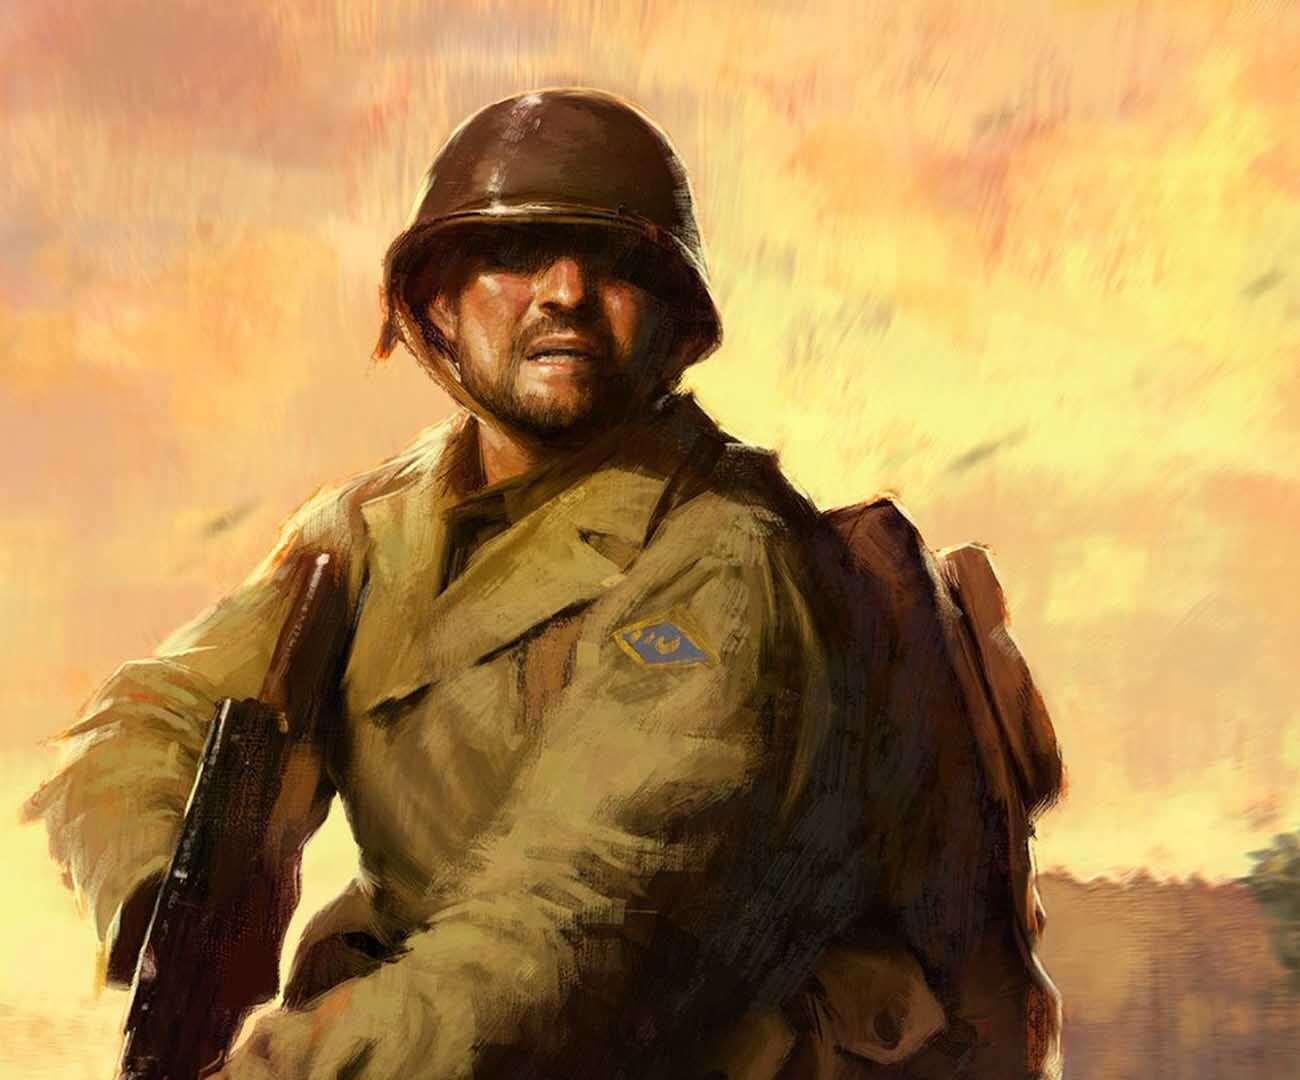 Rekomendowane wymagania Medal of Honor: Above and Beyond trochę przerażają